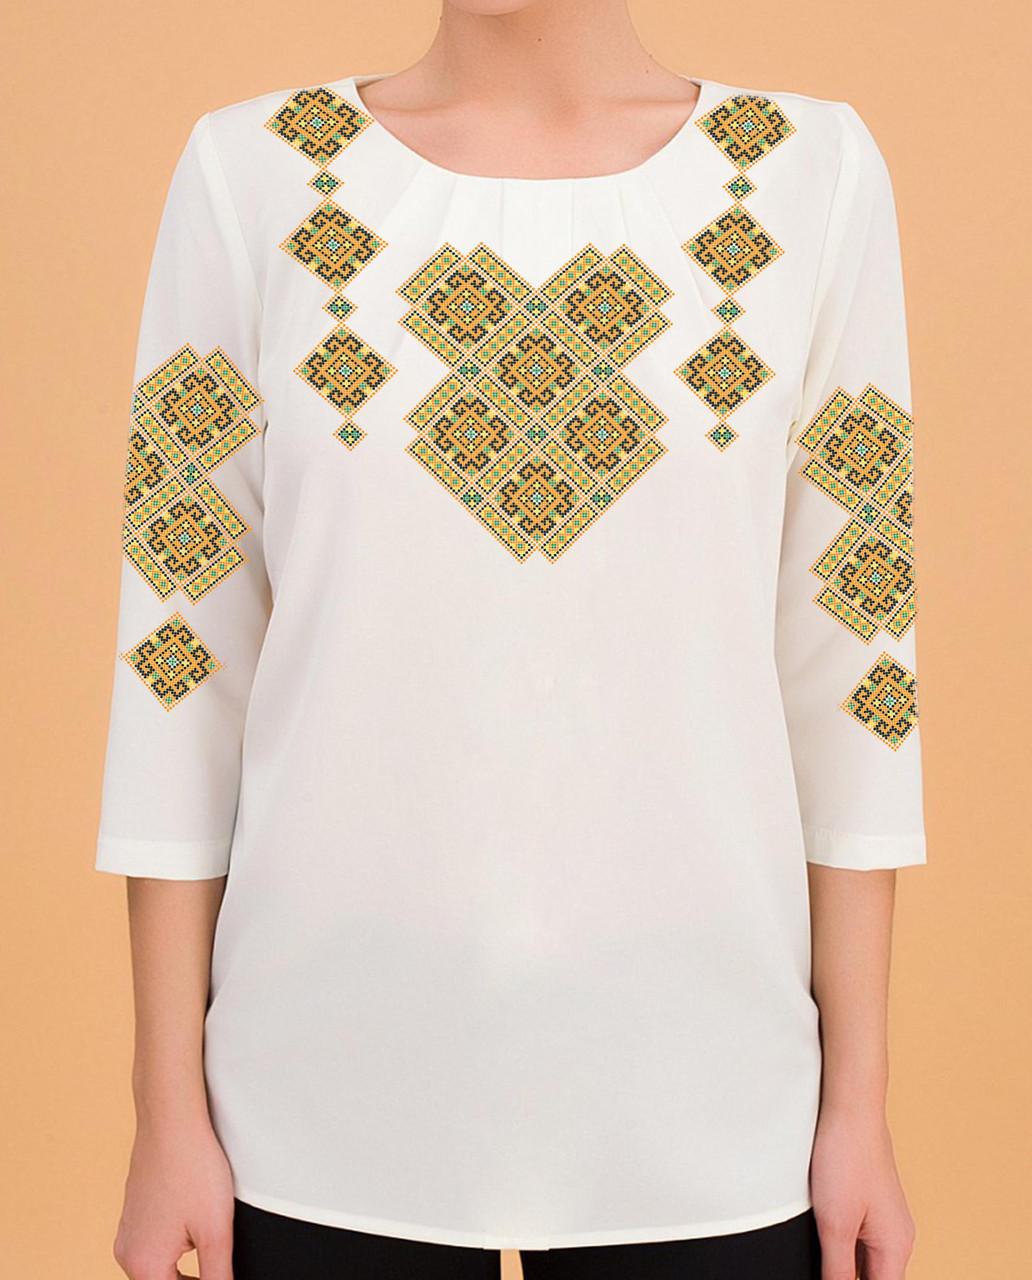 Заготовка вышиванки женской сорочки / блузы для вышивки бисером «Орнамент»